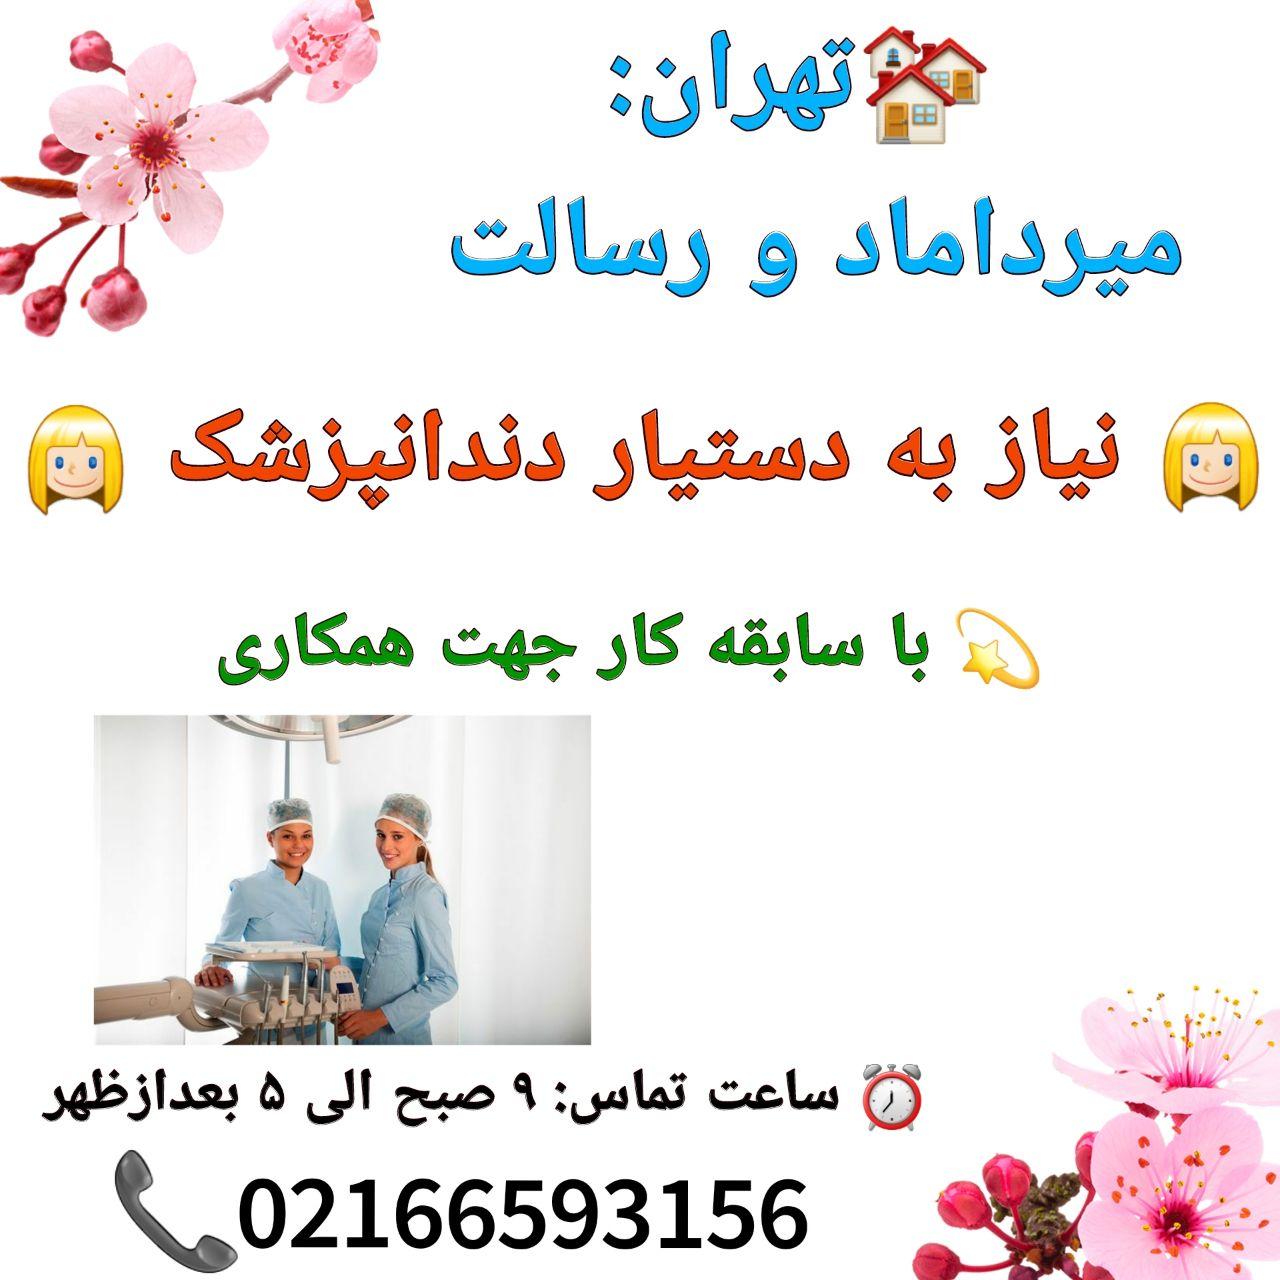 تهران: میرداماد و رسالت، نیاز به دستیار دندانپزشک